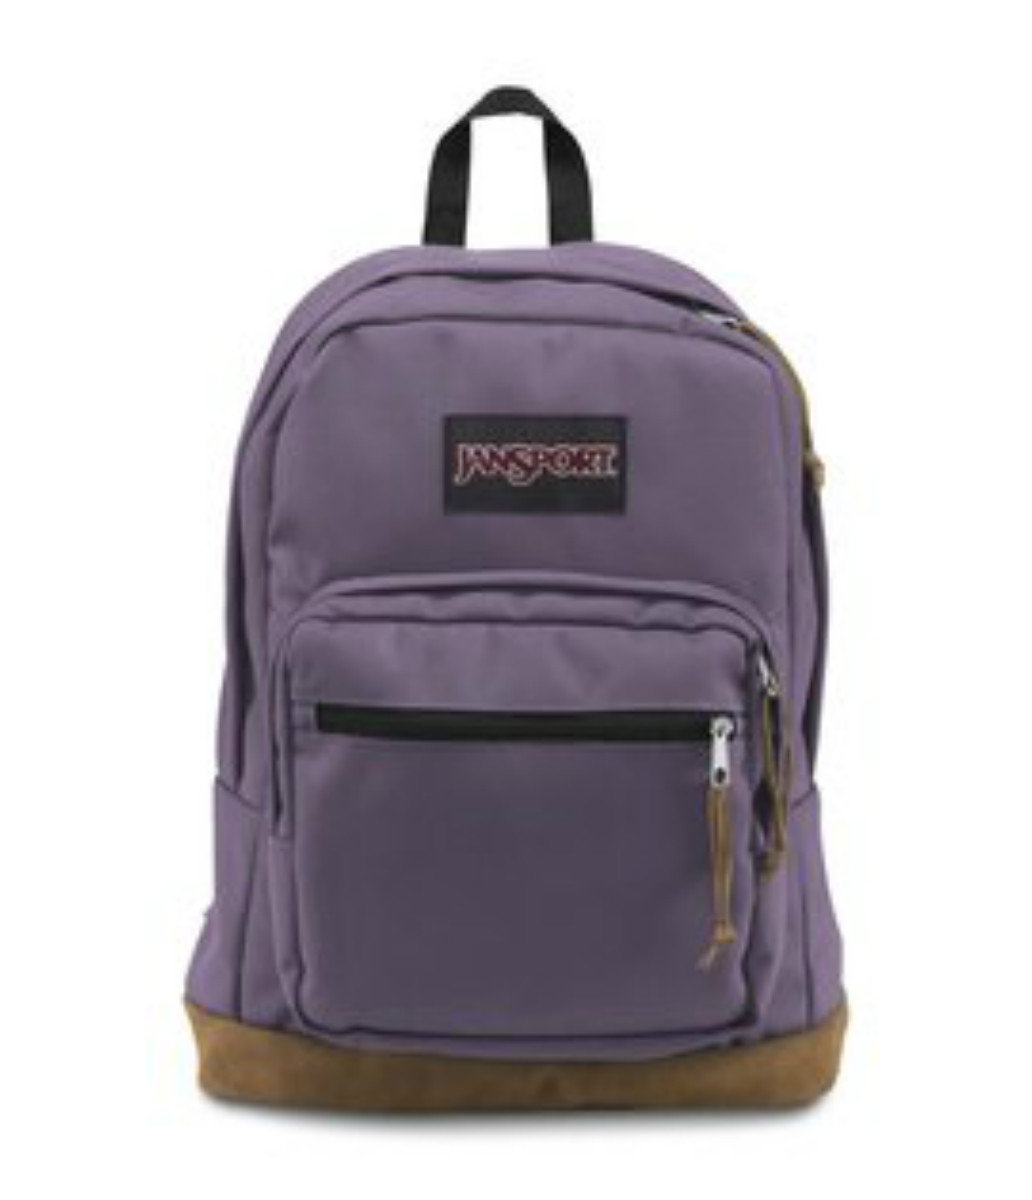 JanSport | JanSport Backpack - Right Pack - PURPLE FROST | Color